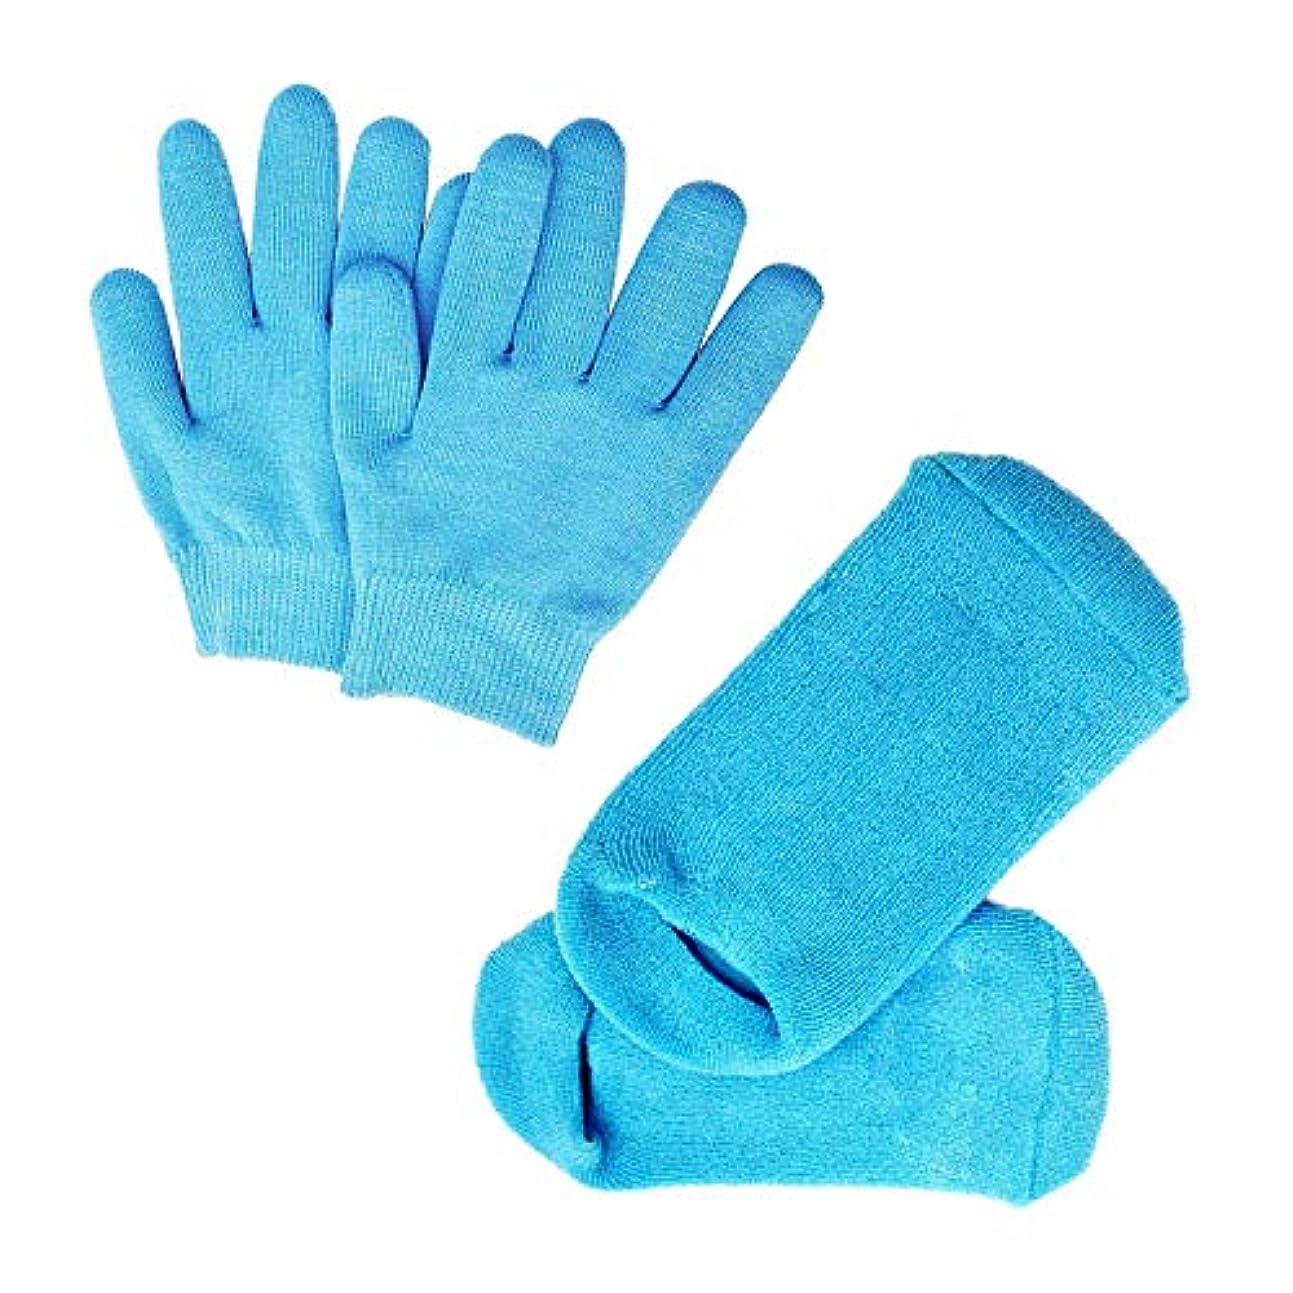 代理人爆弾若さPinkiou 眠る森のSPAジェルグローブ/SPAジェルソックス ハンドケアグローブ/フットケアソックス 角質取り 保湿 かかとケア オープントゥ 素肌美人 靴下と手袋 一セット スバ いいお肌になりましょう(ブルー)